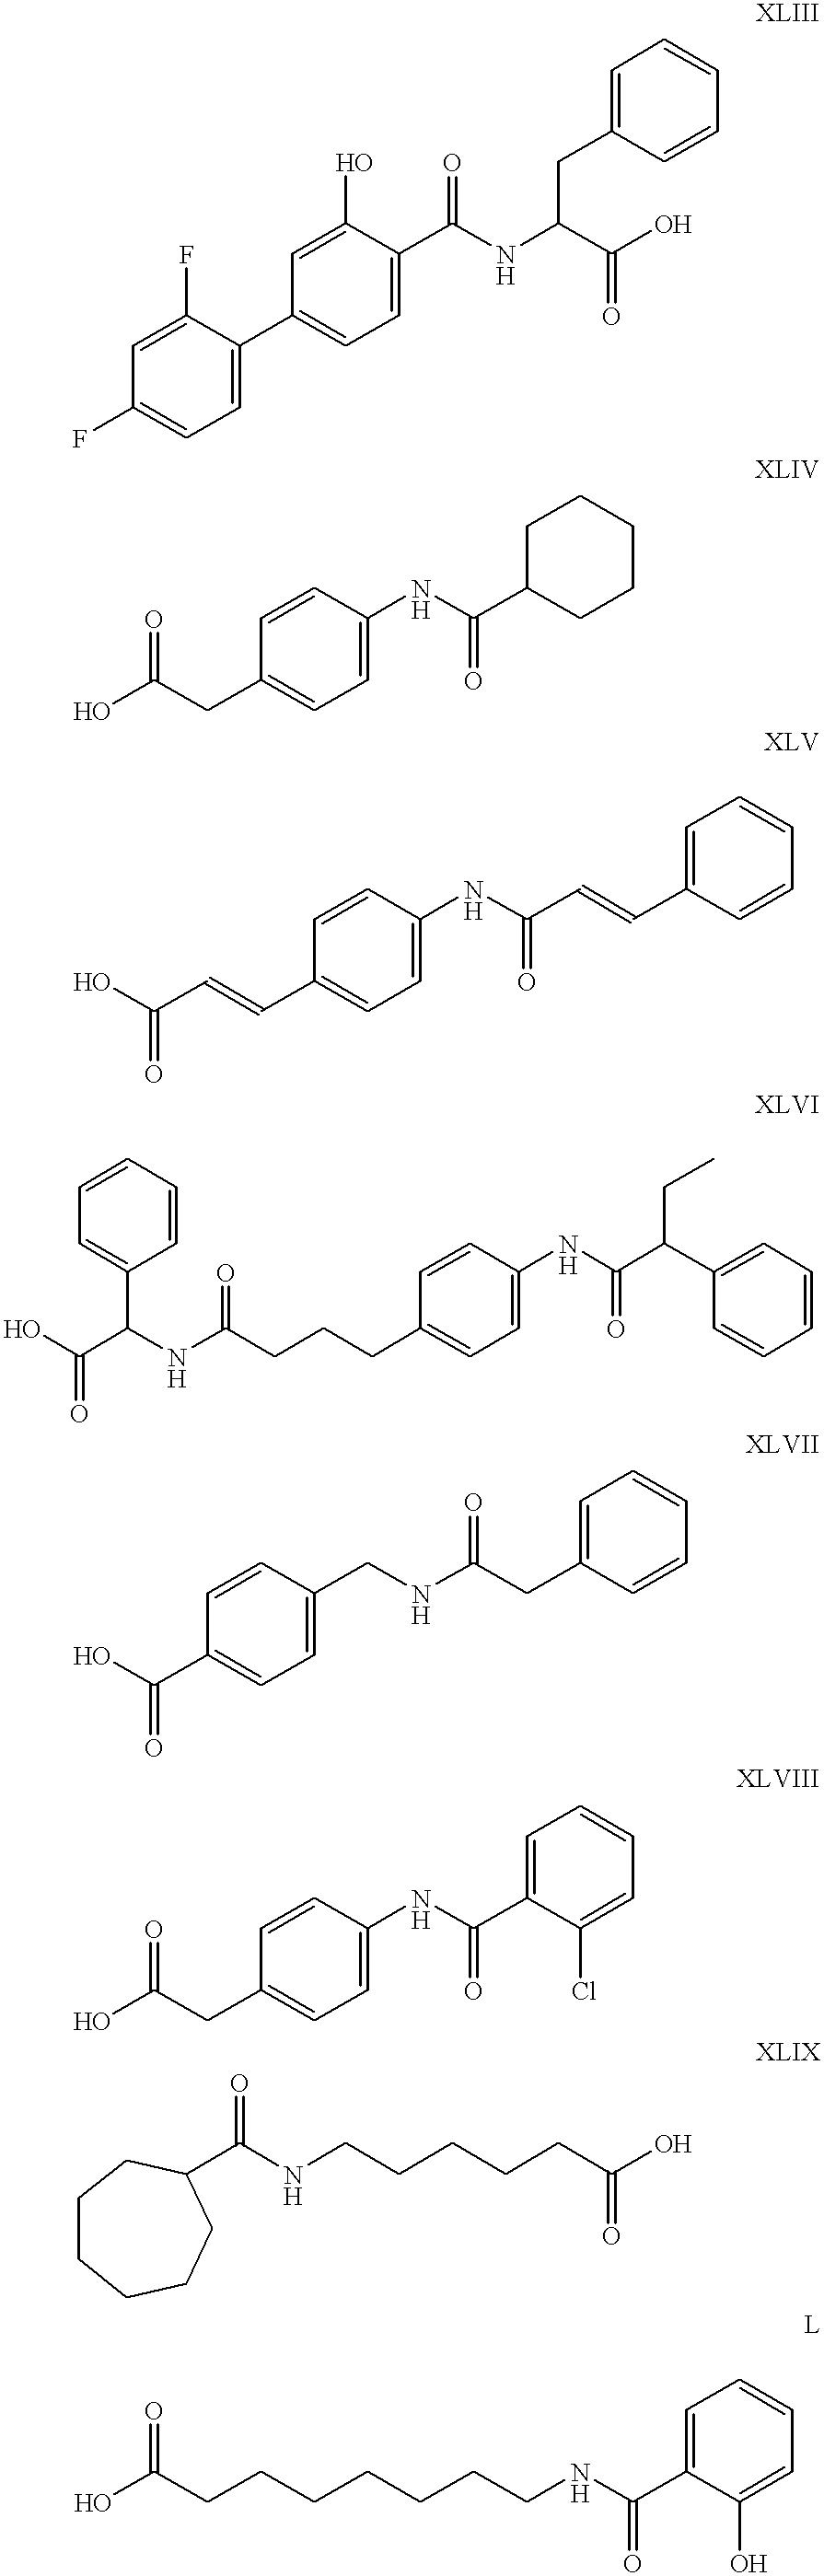 Figure US06221367-20010424-C00012